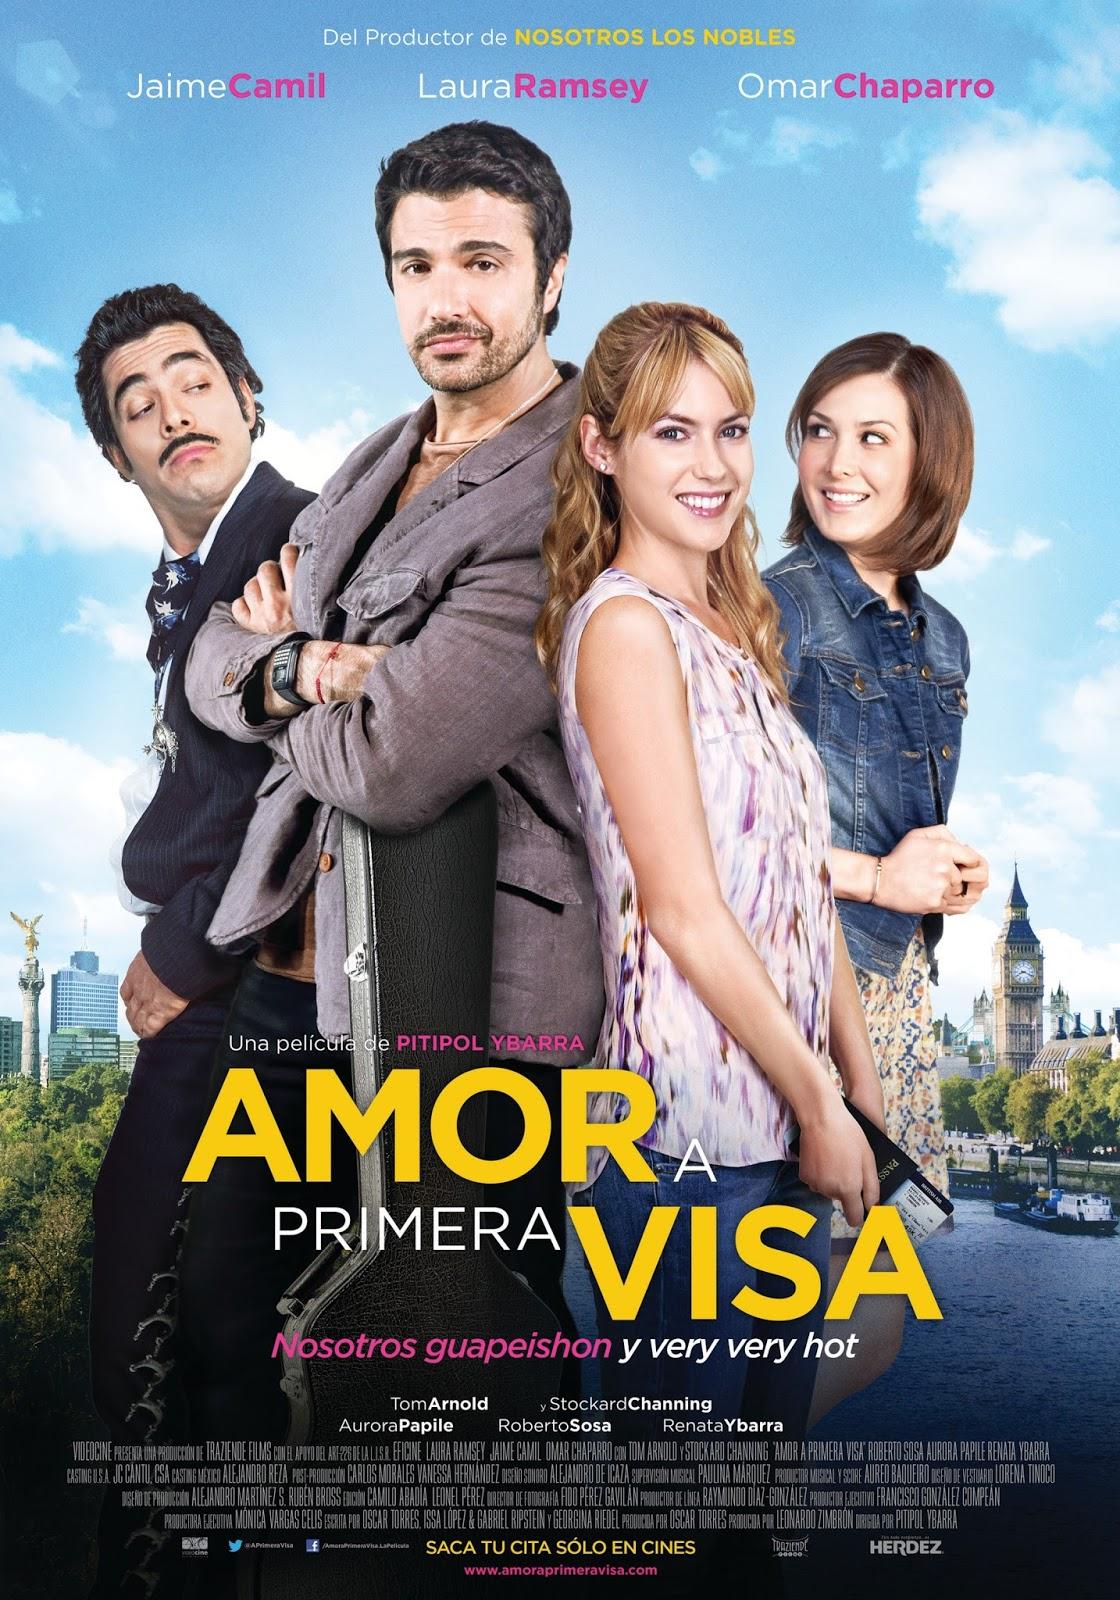 Amor a primera visa (2013) Online